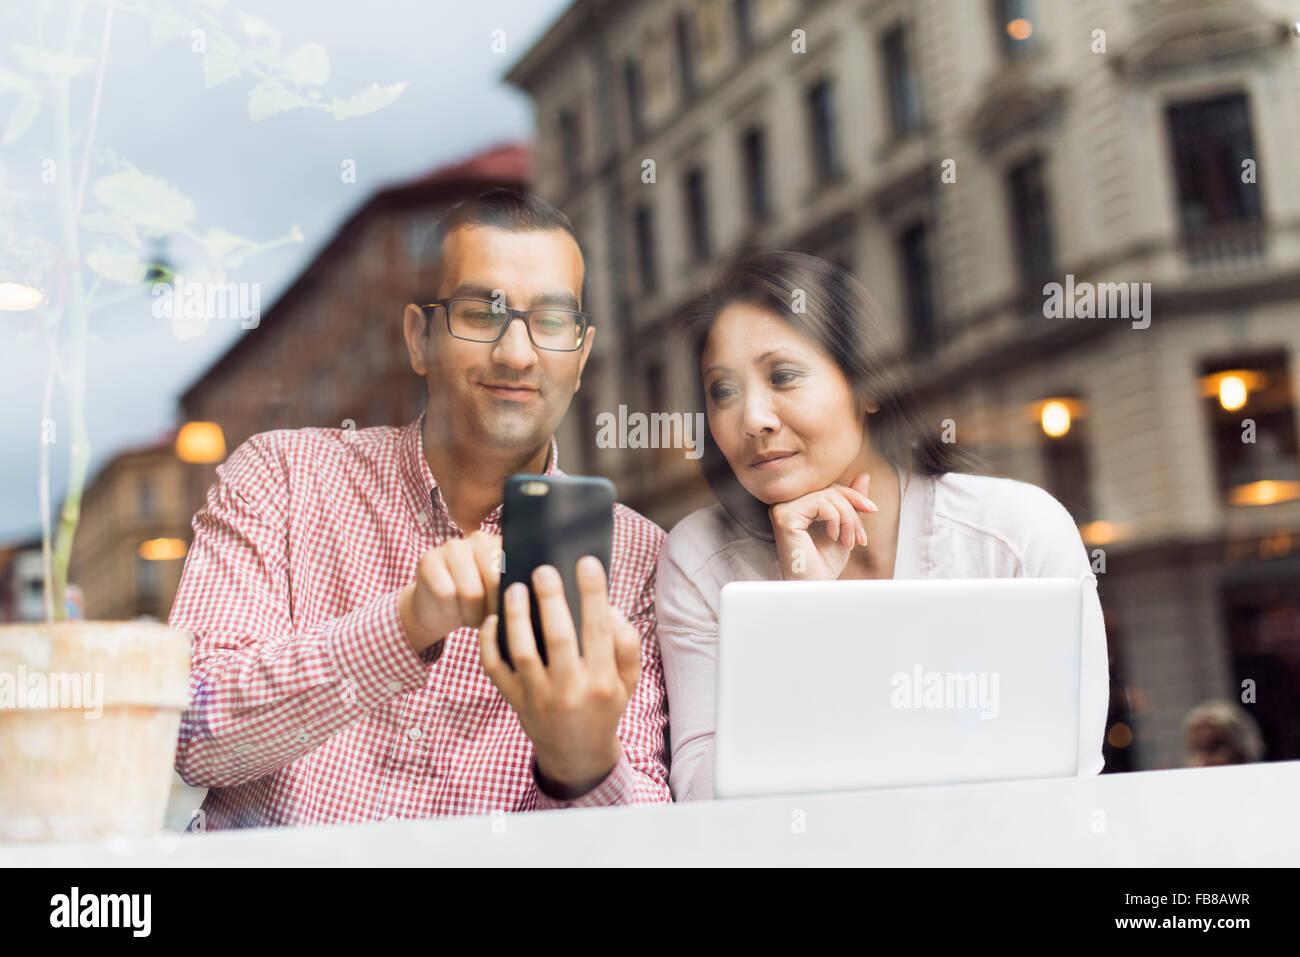 La Svezia, Uppland, Stoccolma, l uomo e la donna utilizzando smart phone in cafe Immagini Stock